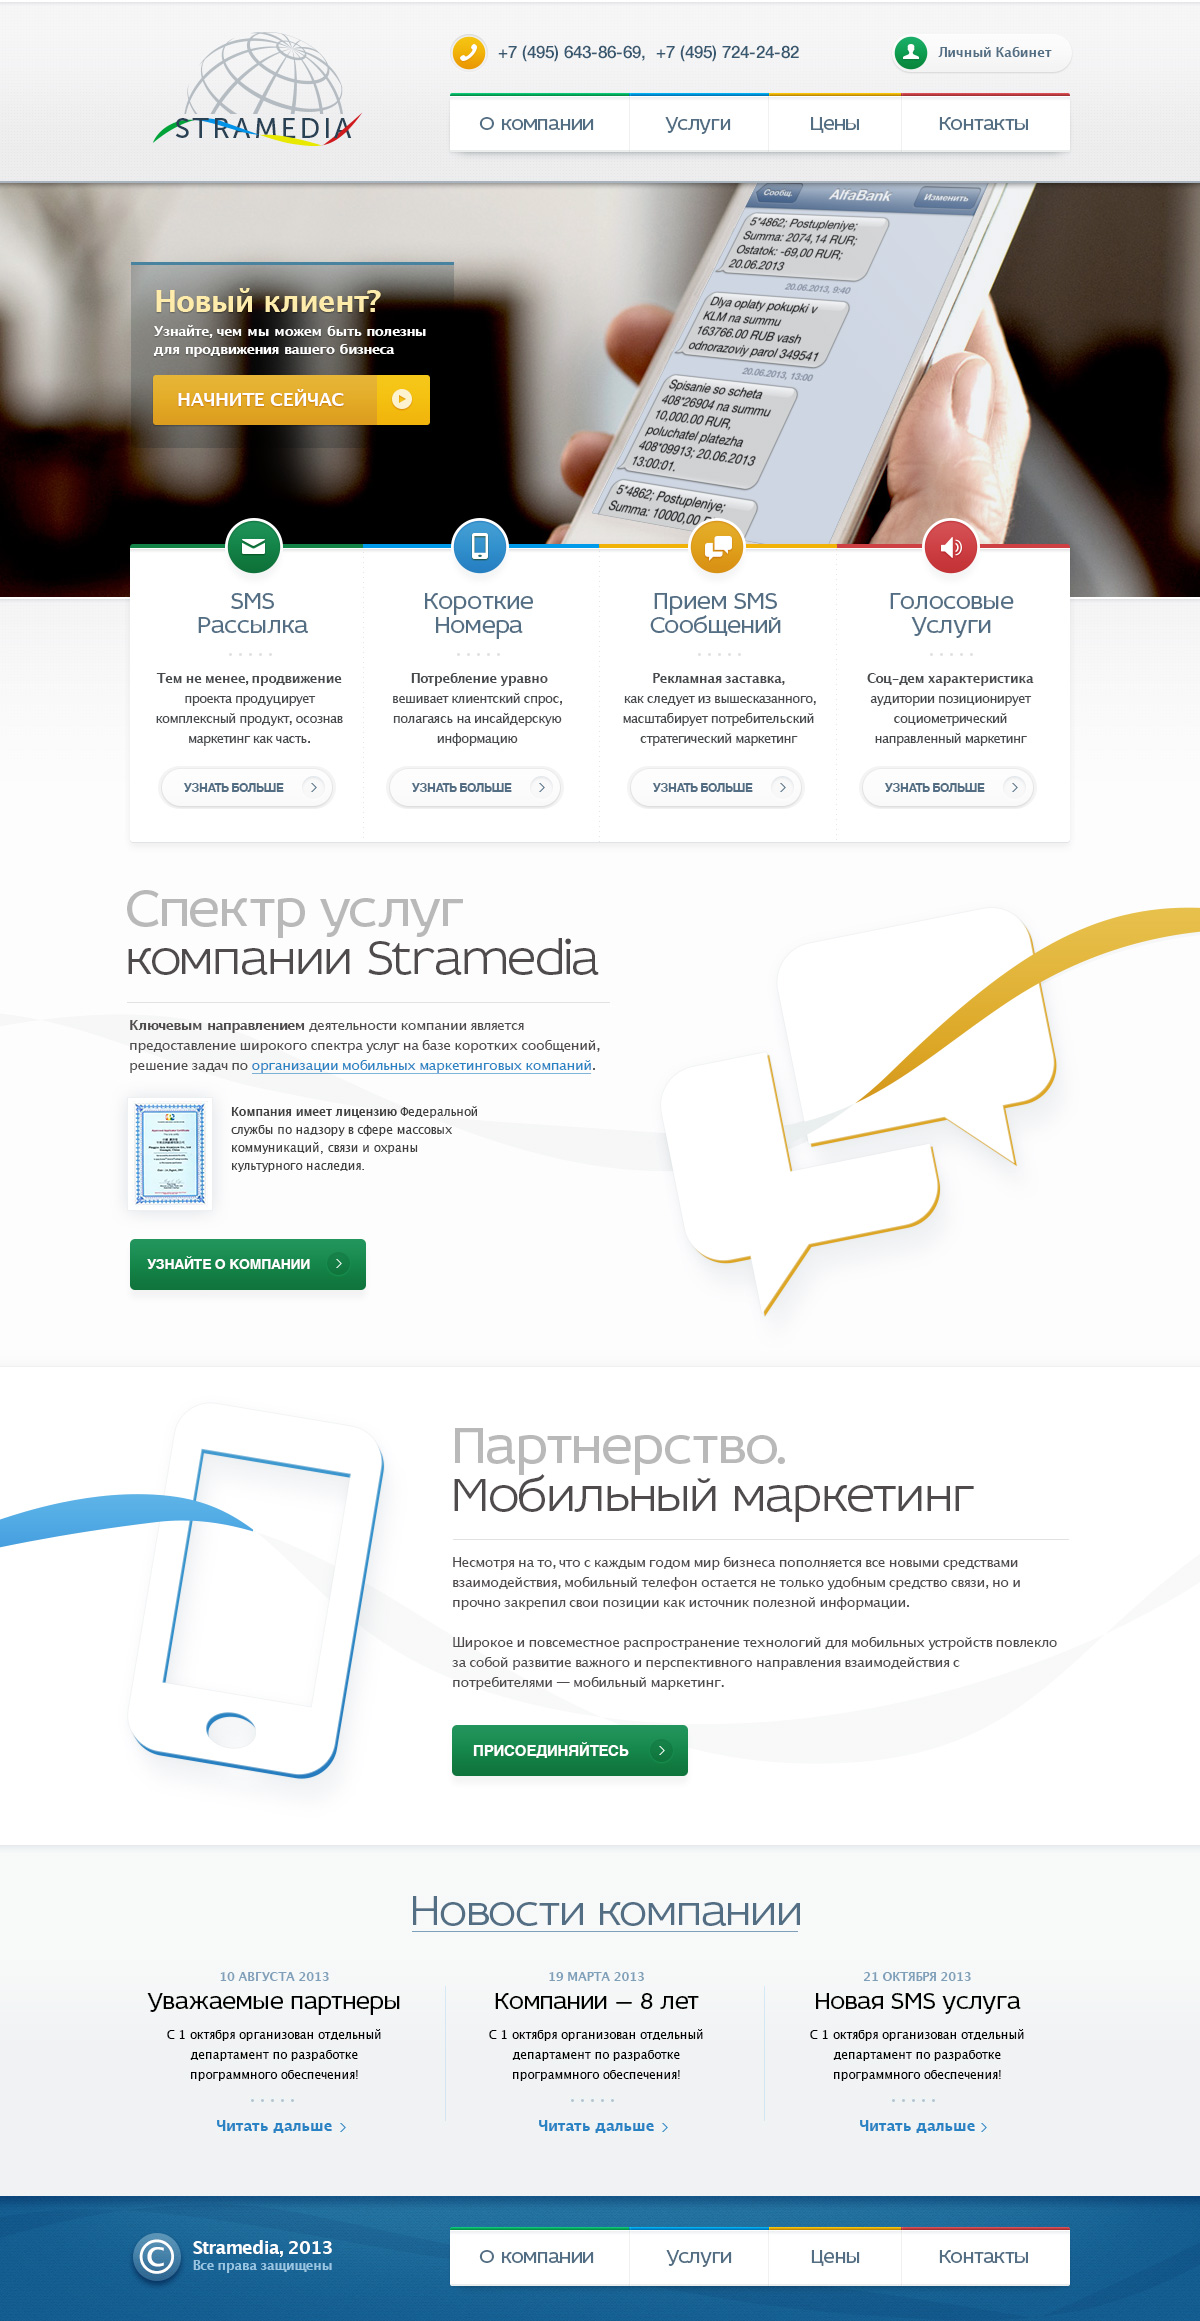 Stramedia SMS сервисы